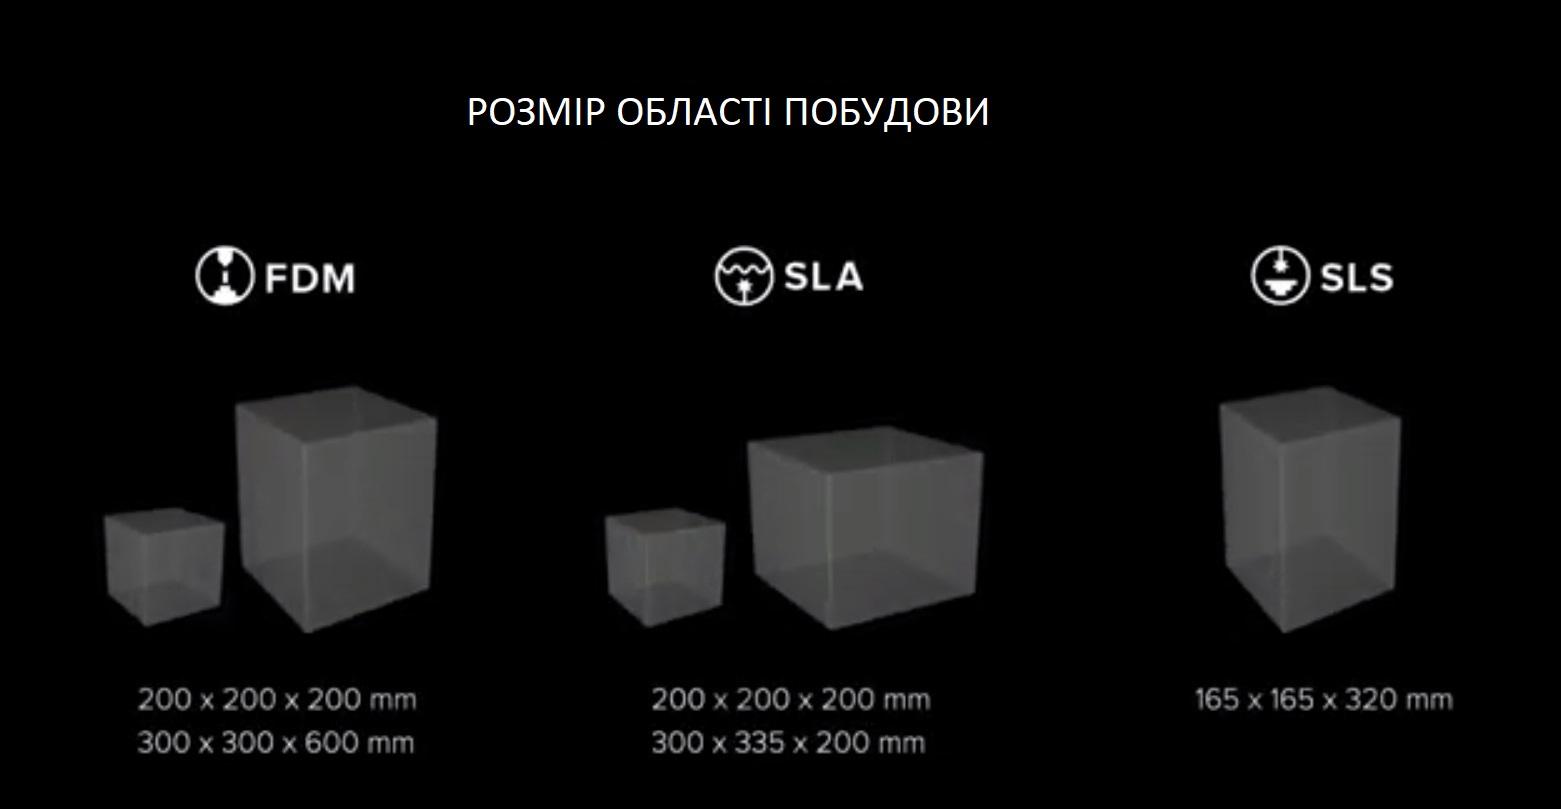 Розмір поля побудови в різних принтерах. Порівняння